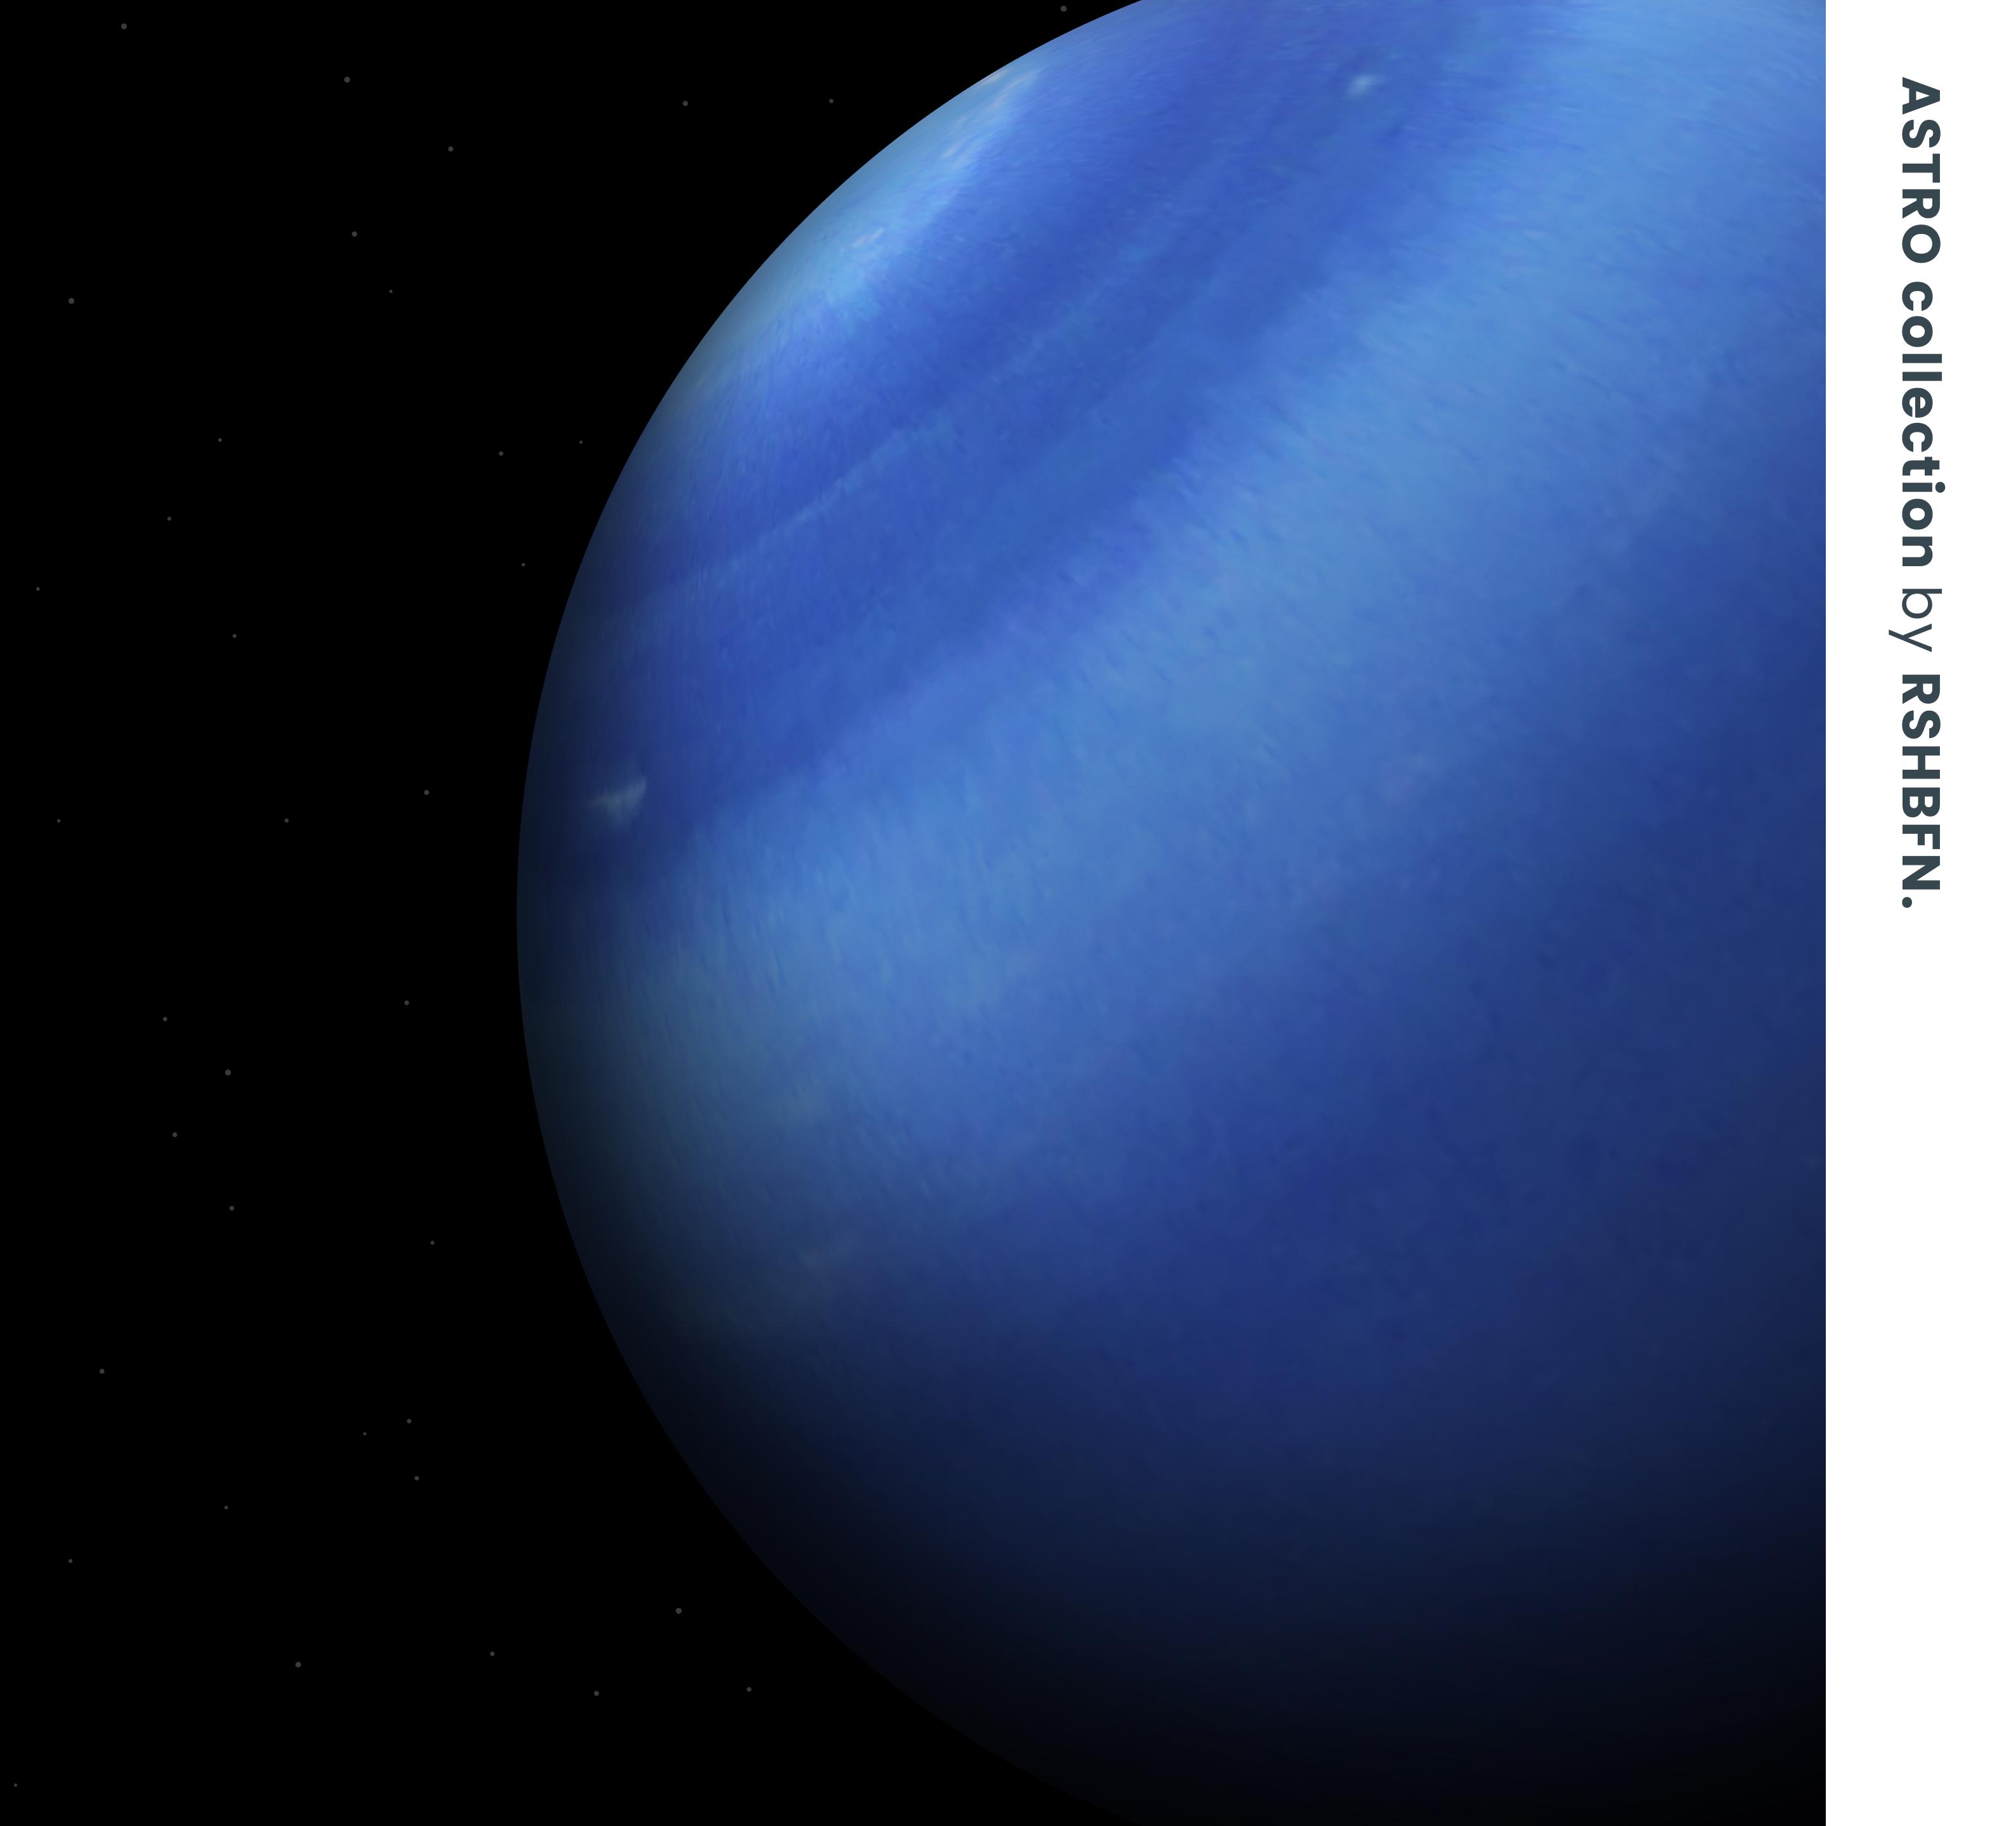 Planet iPhone wallpaper RshBfn iDownloadBlog Astro-6